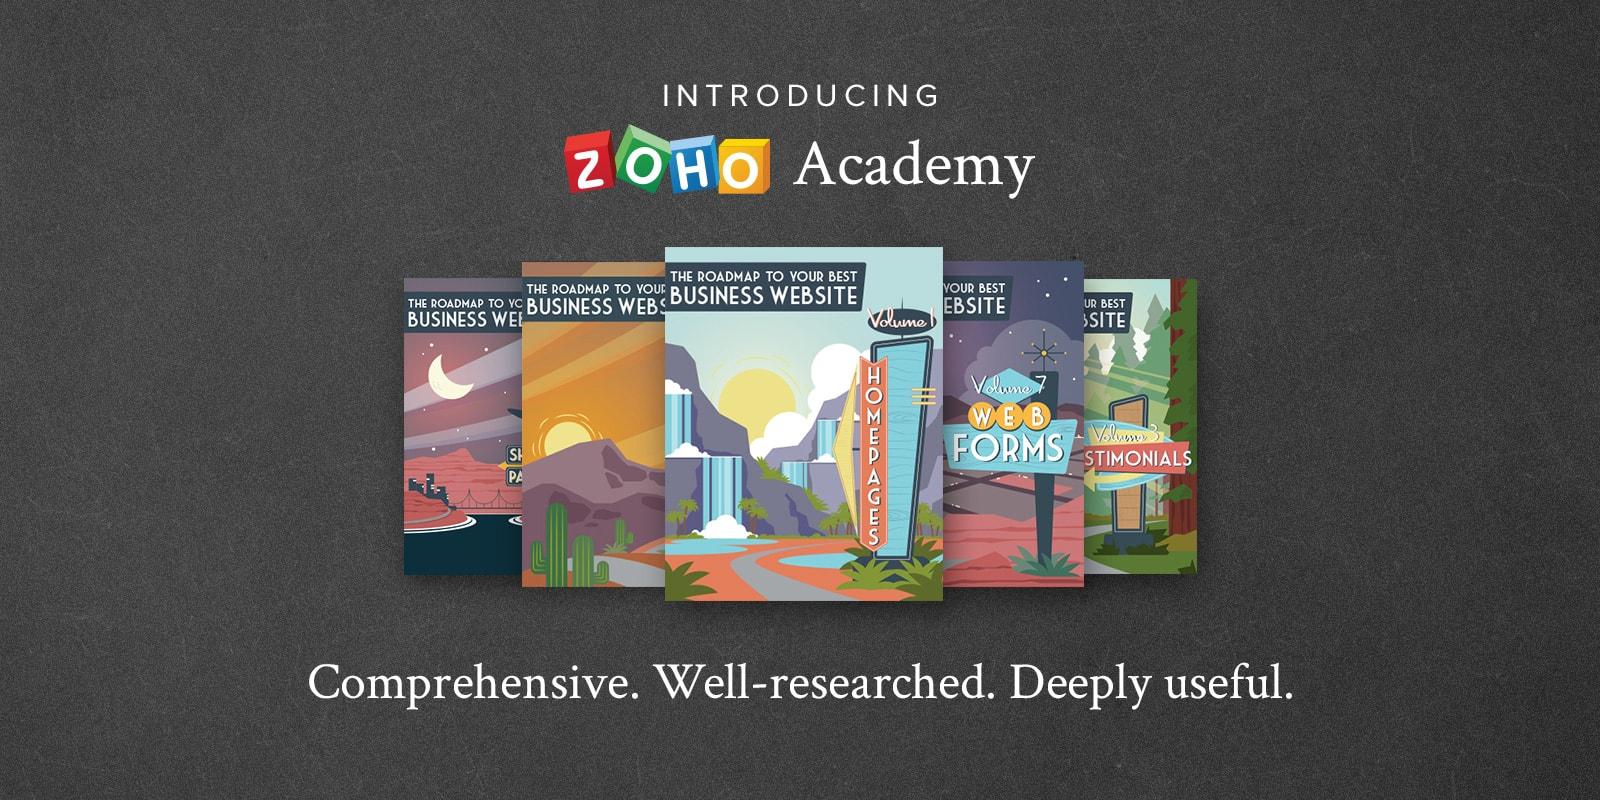 Introducing Zoho Academy